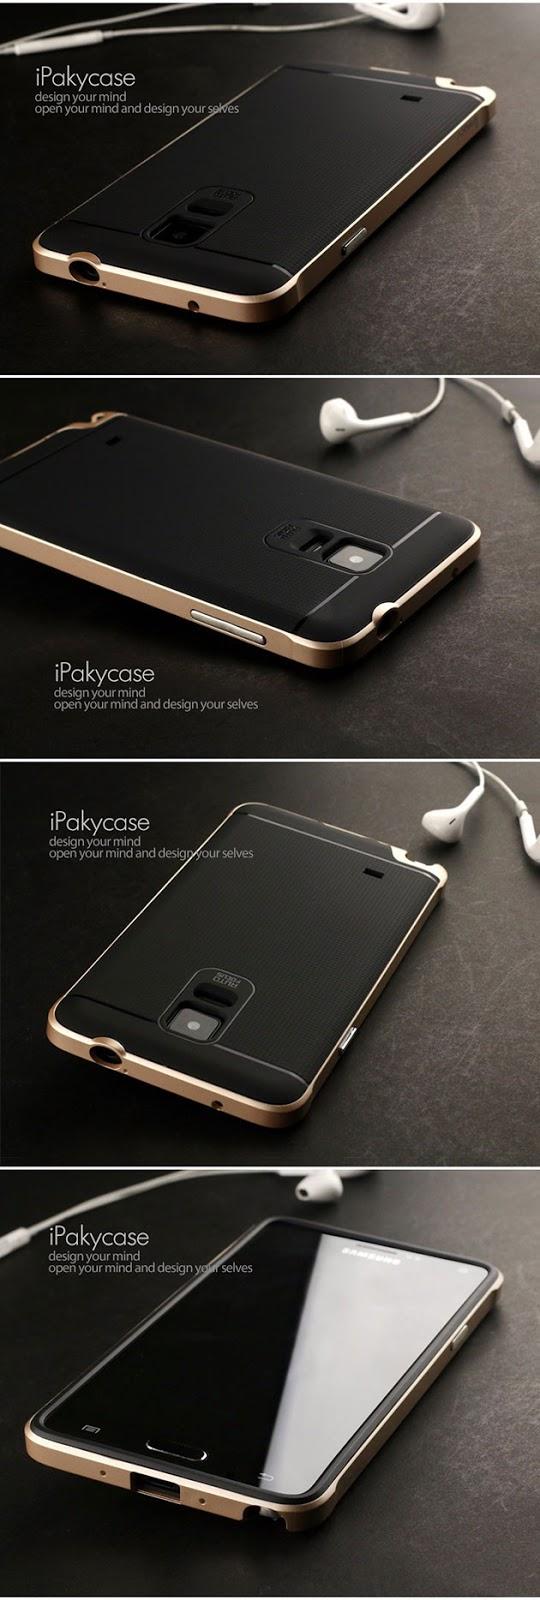 เคส Note 4 สไตล์ไฮบริดของแท้ 131004 สีทอง